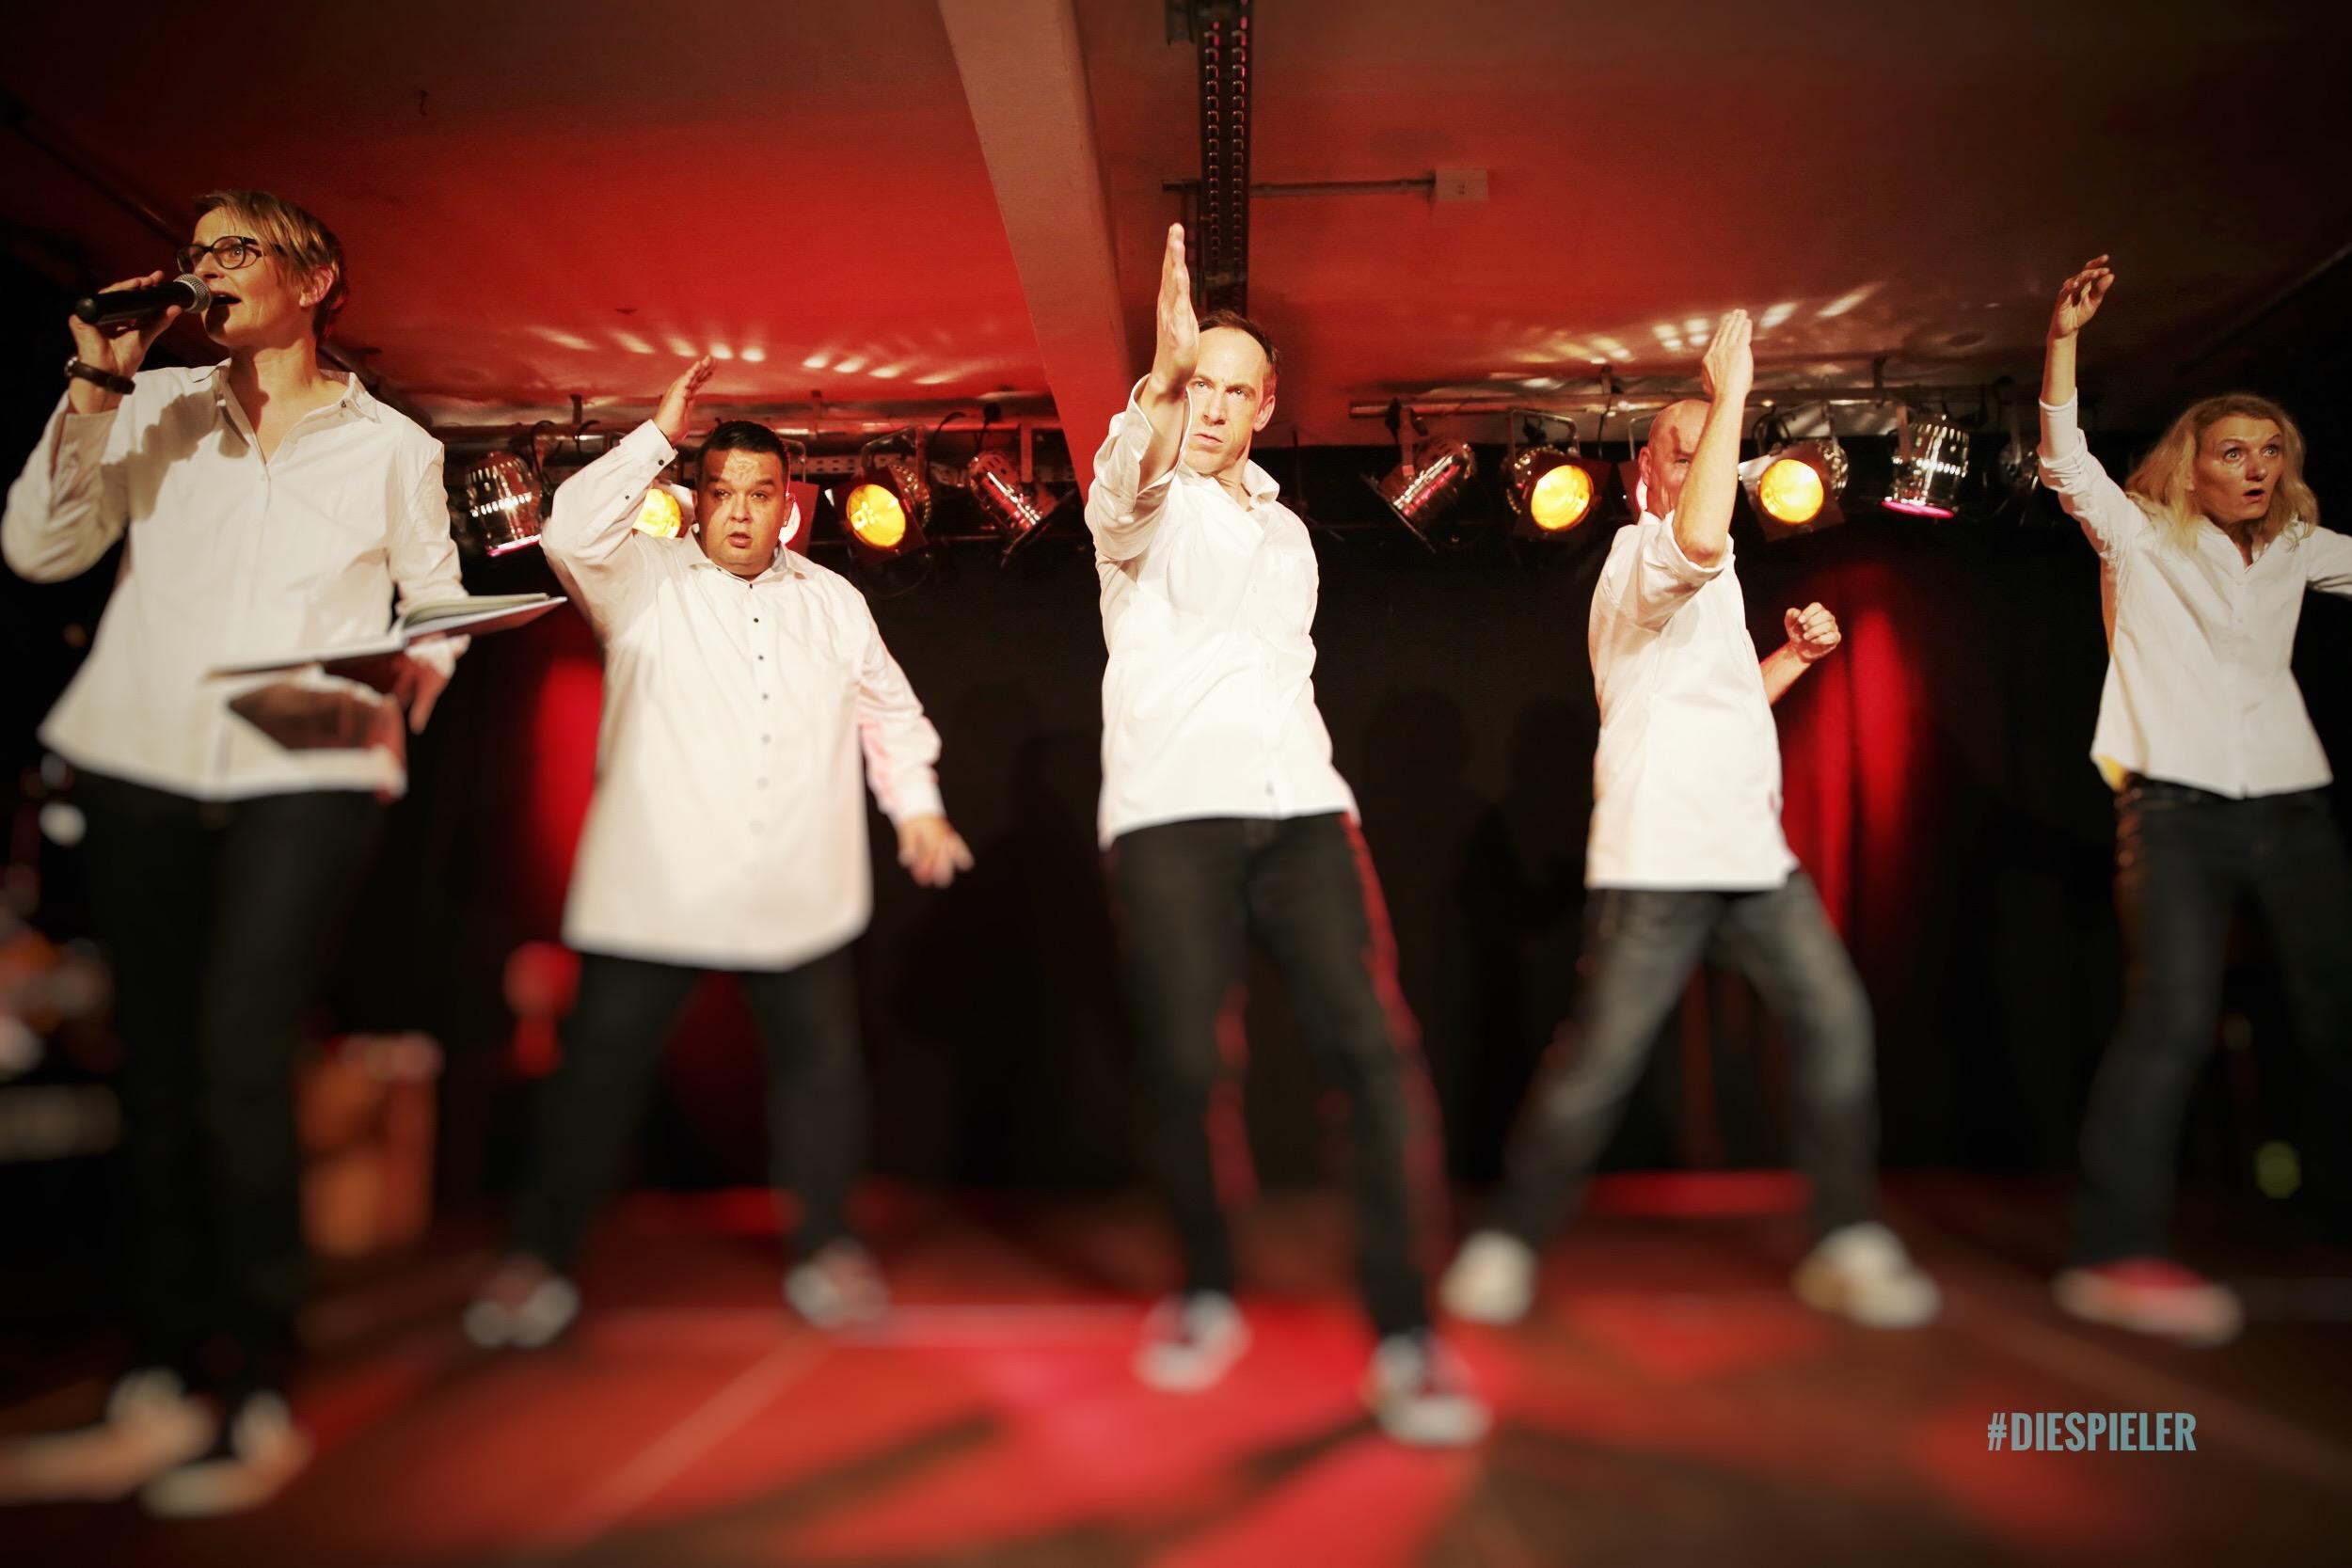 Spieler Improvisationstheater und Unternehmenstheater Hamburg vertonen und vertanzen das Keksrezept Dattelkekse im Sesammantel